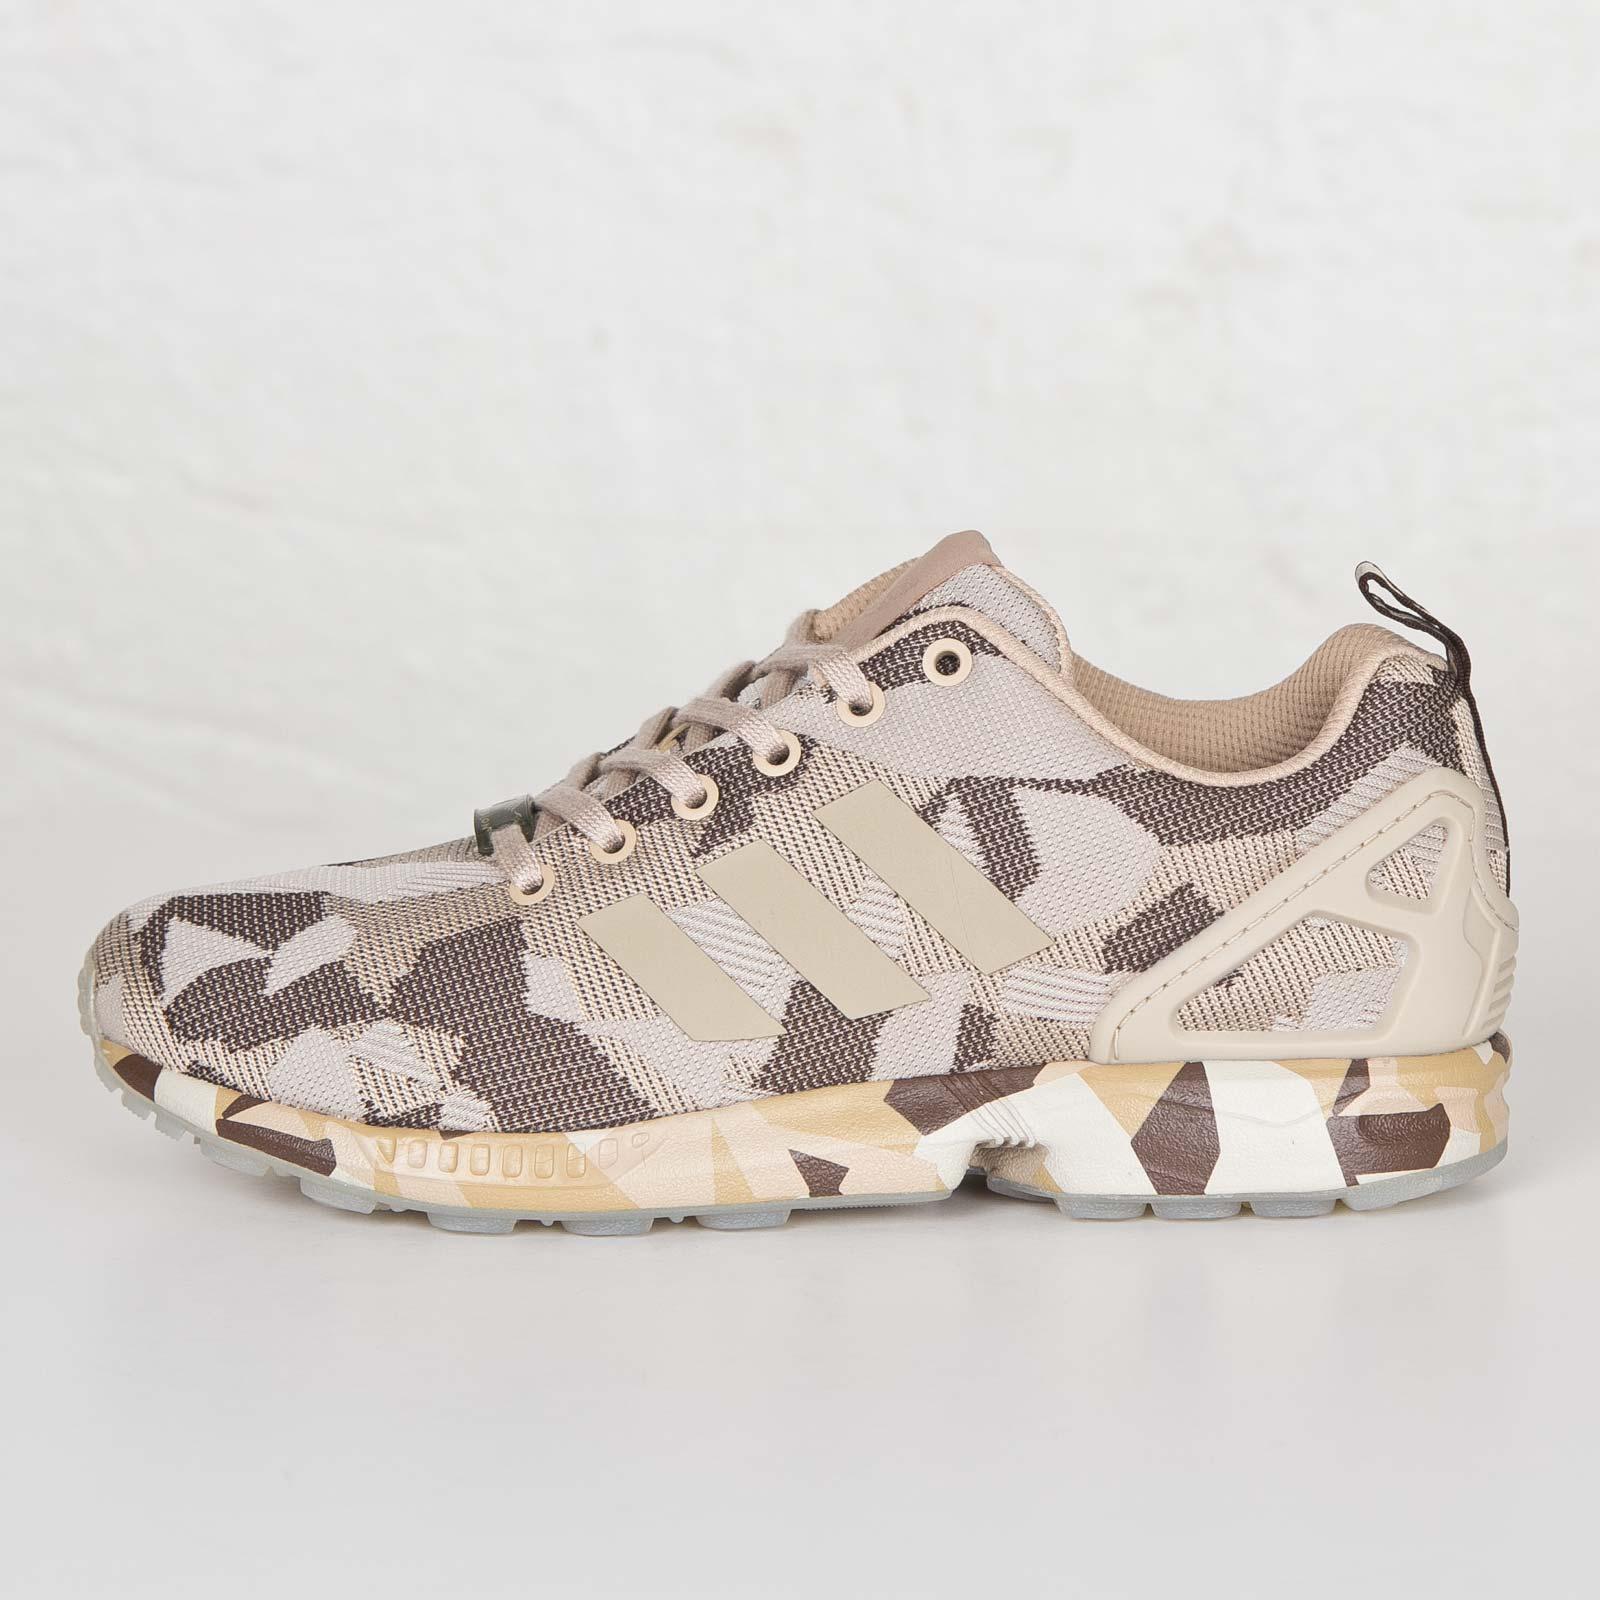 a66adfe86a487 ... australia adidas zx flux af6308 sneakersnstuff sneakers streetwear  9ba54 8504c